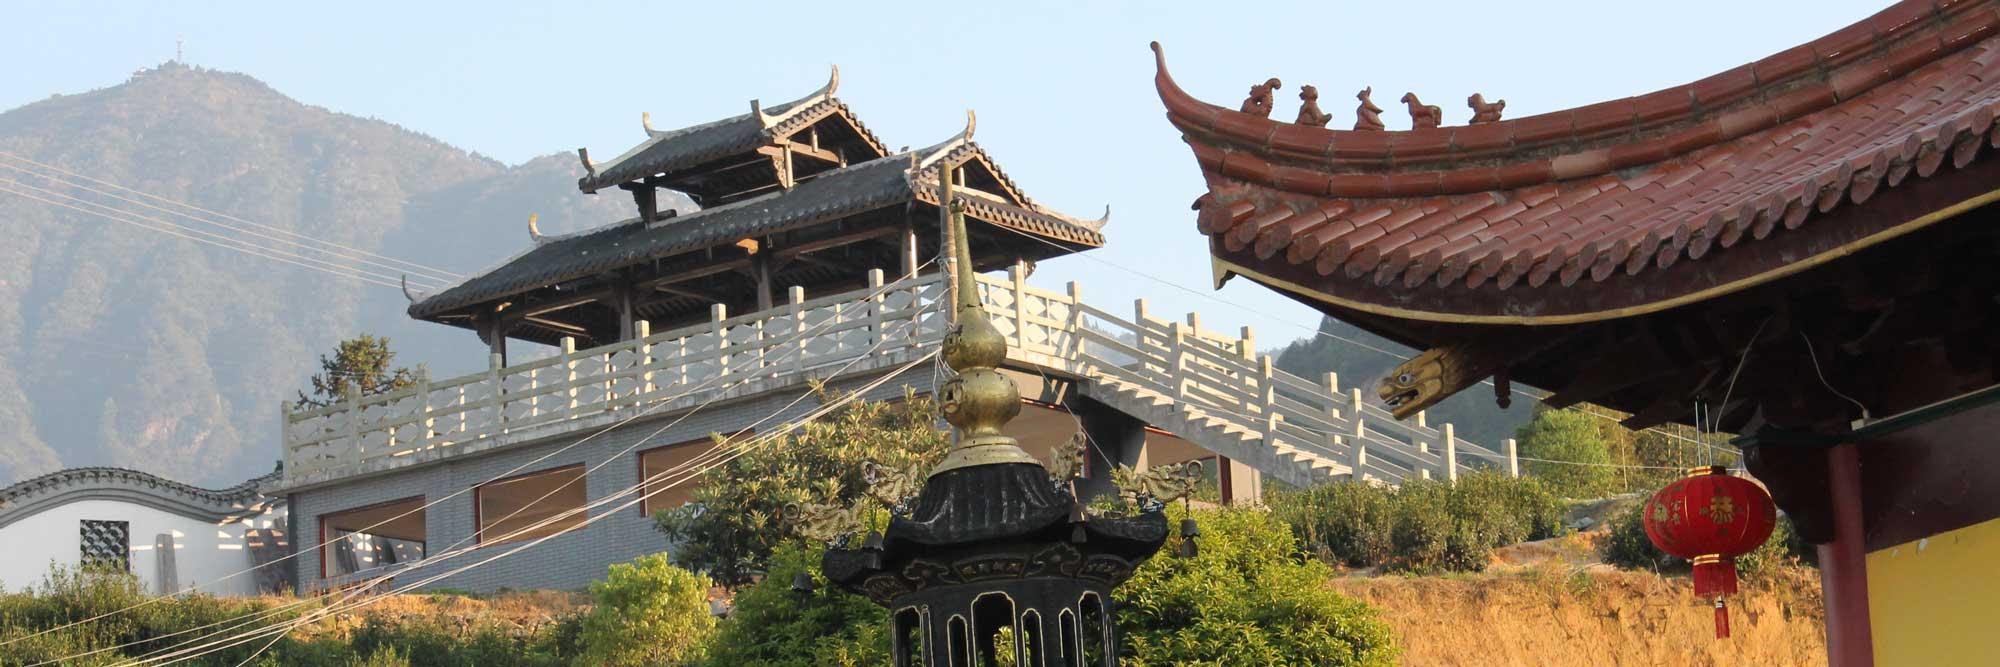 Hu Ming Temple in Zhejiang China